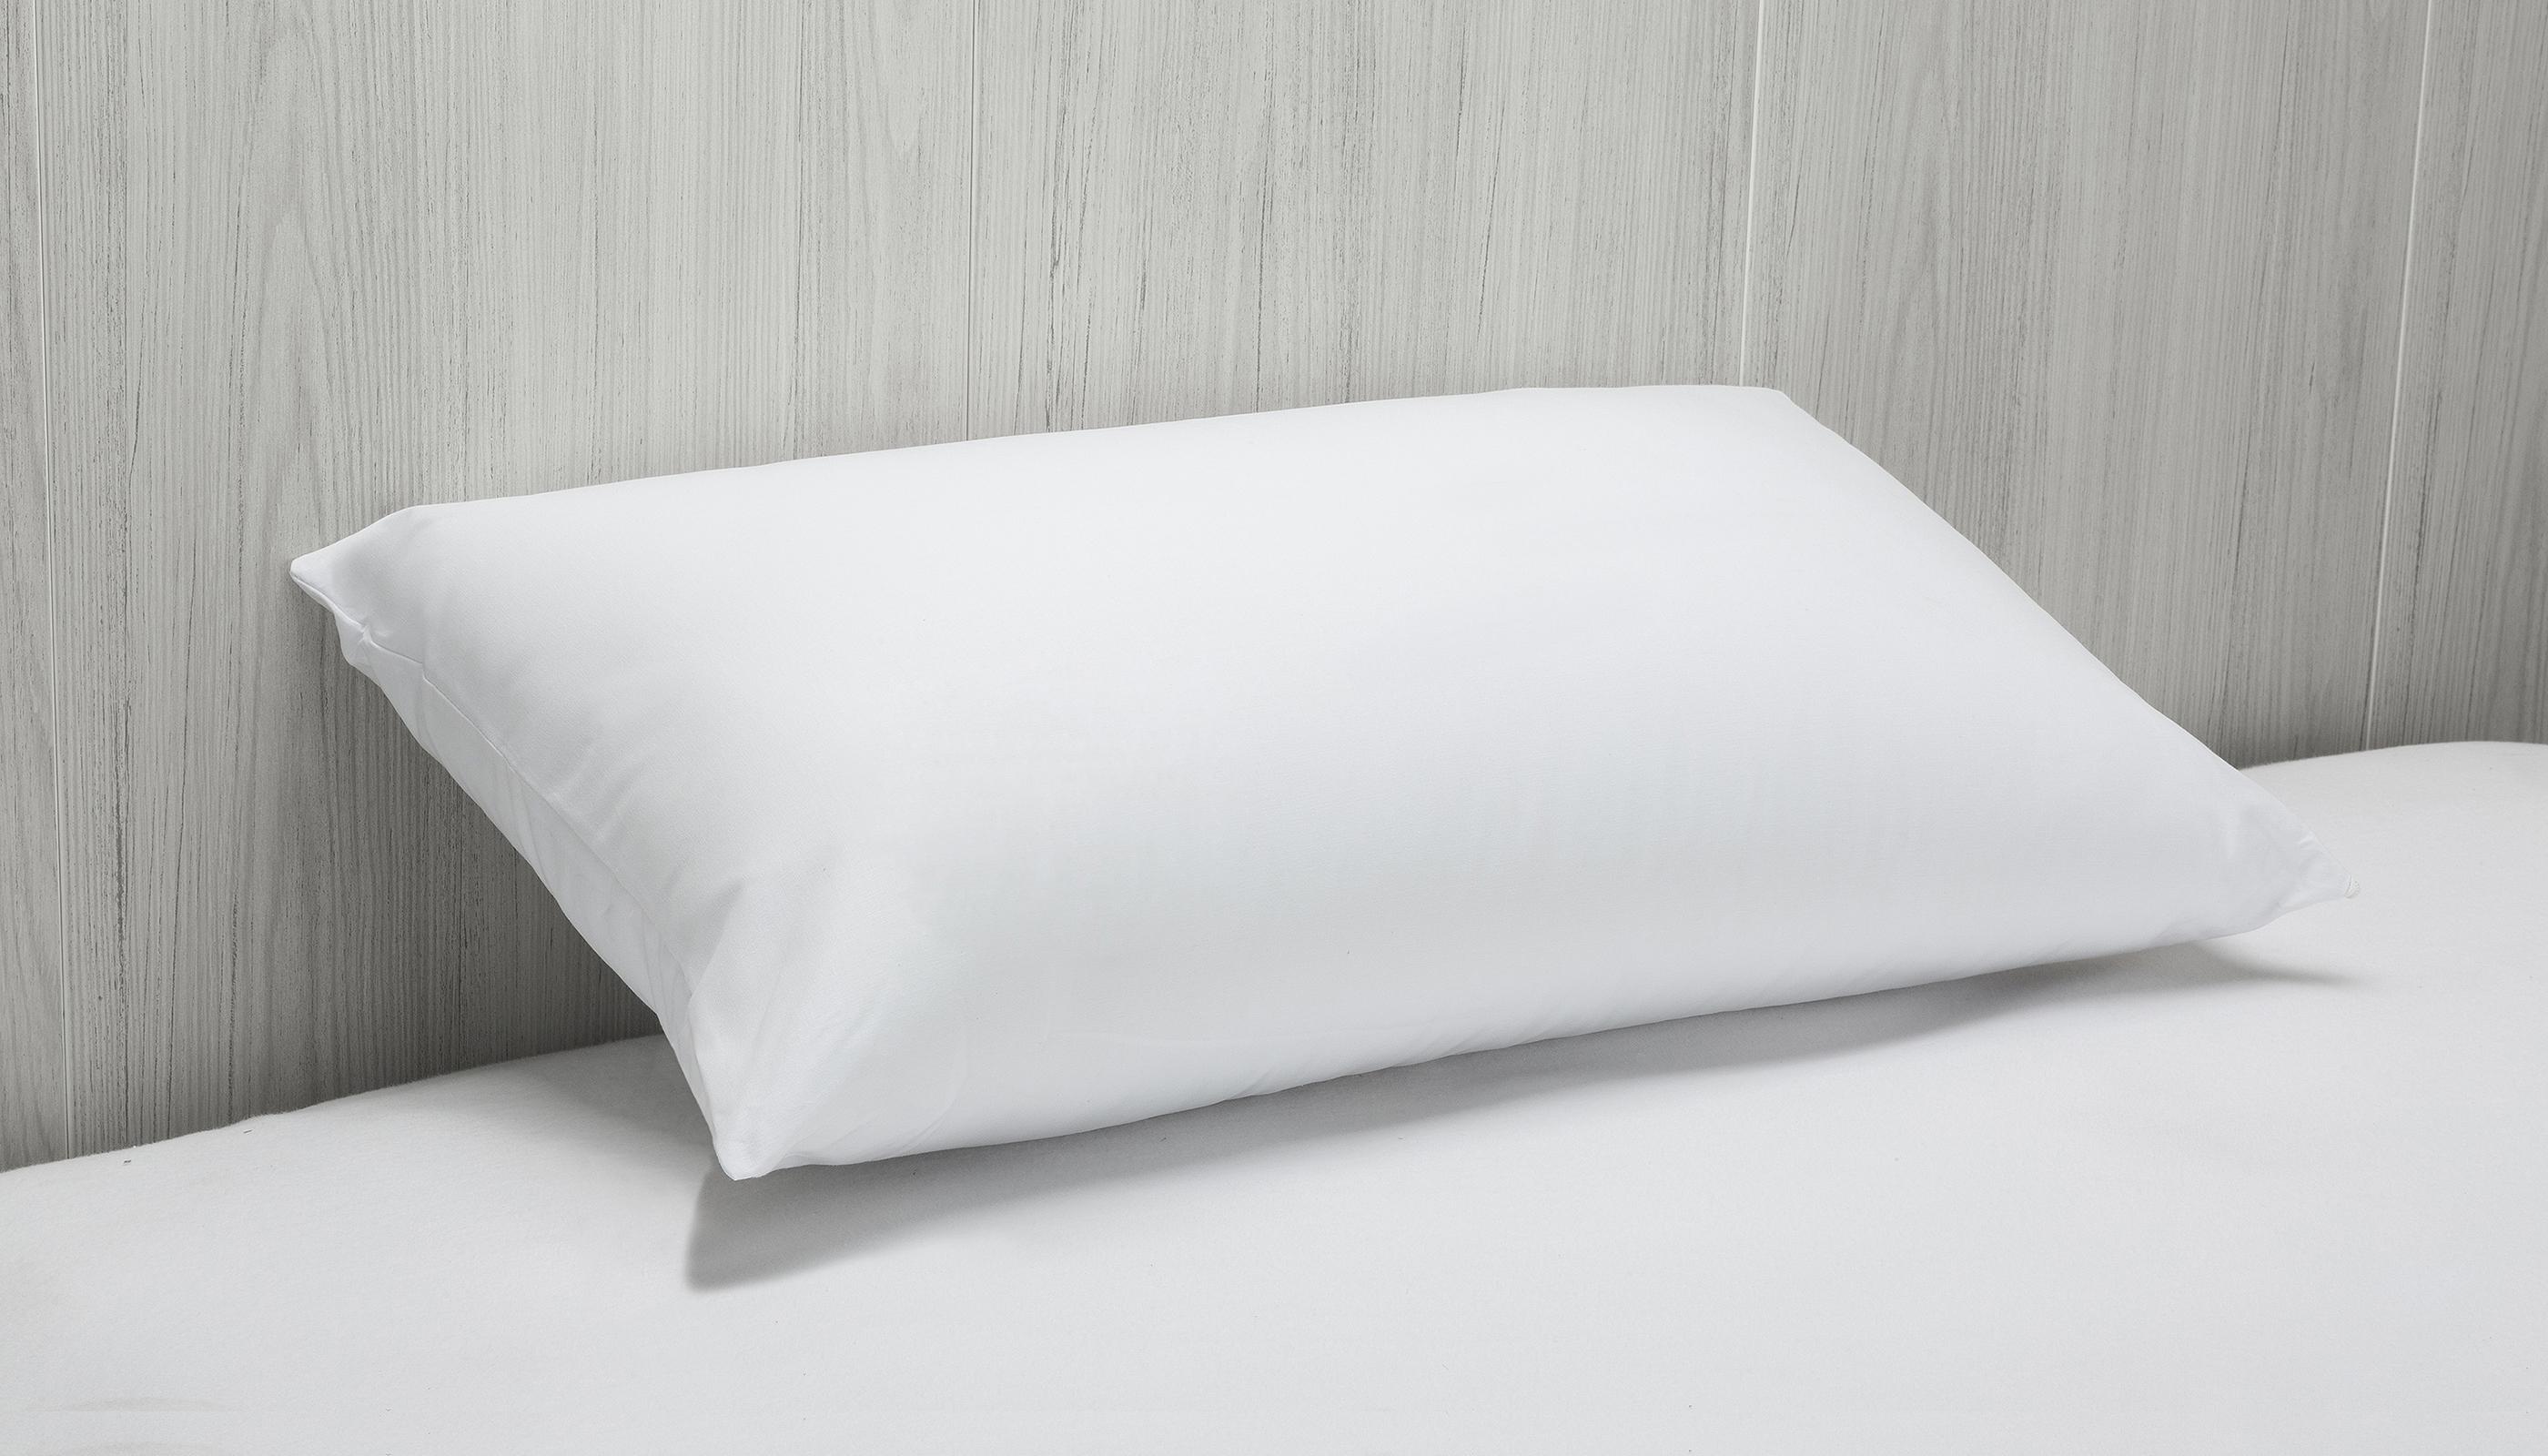 comprar almohada